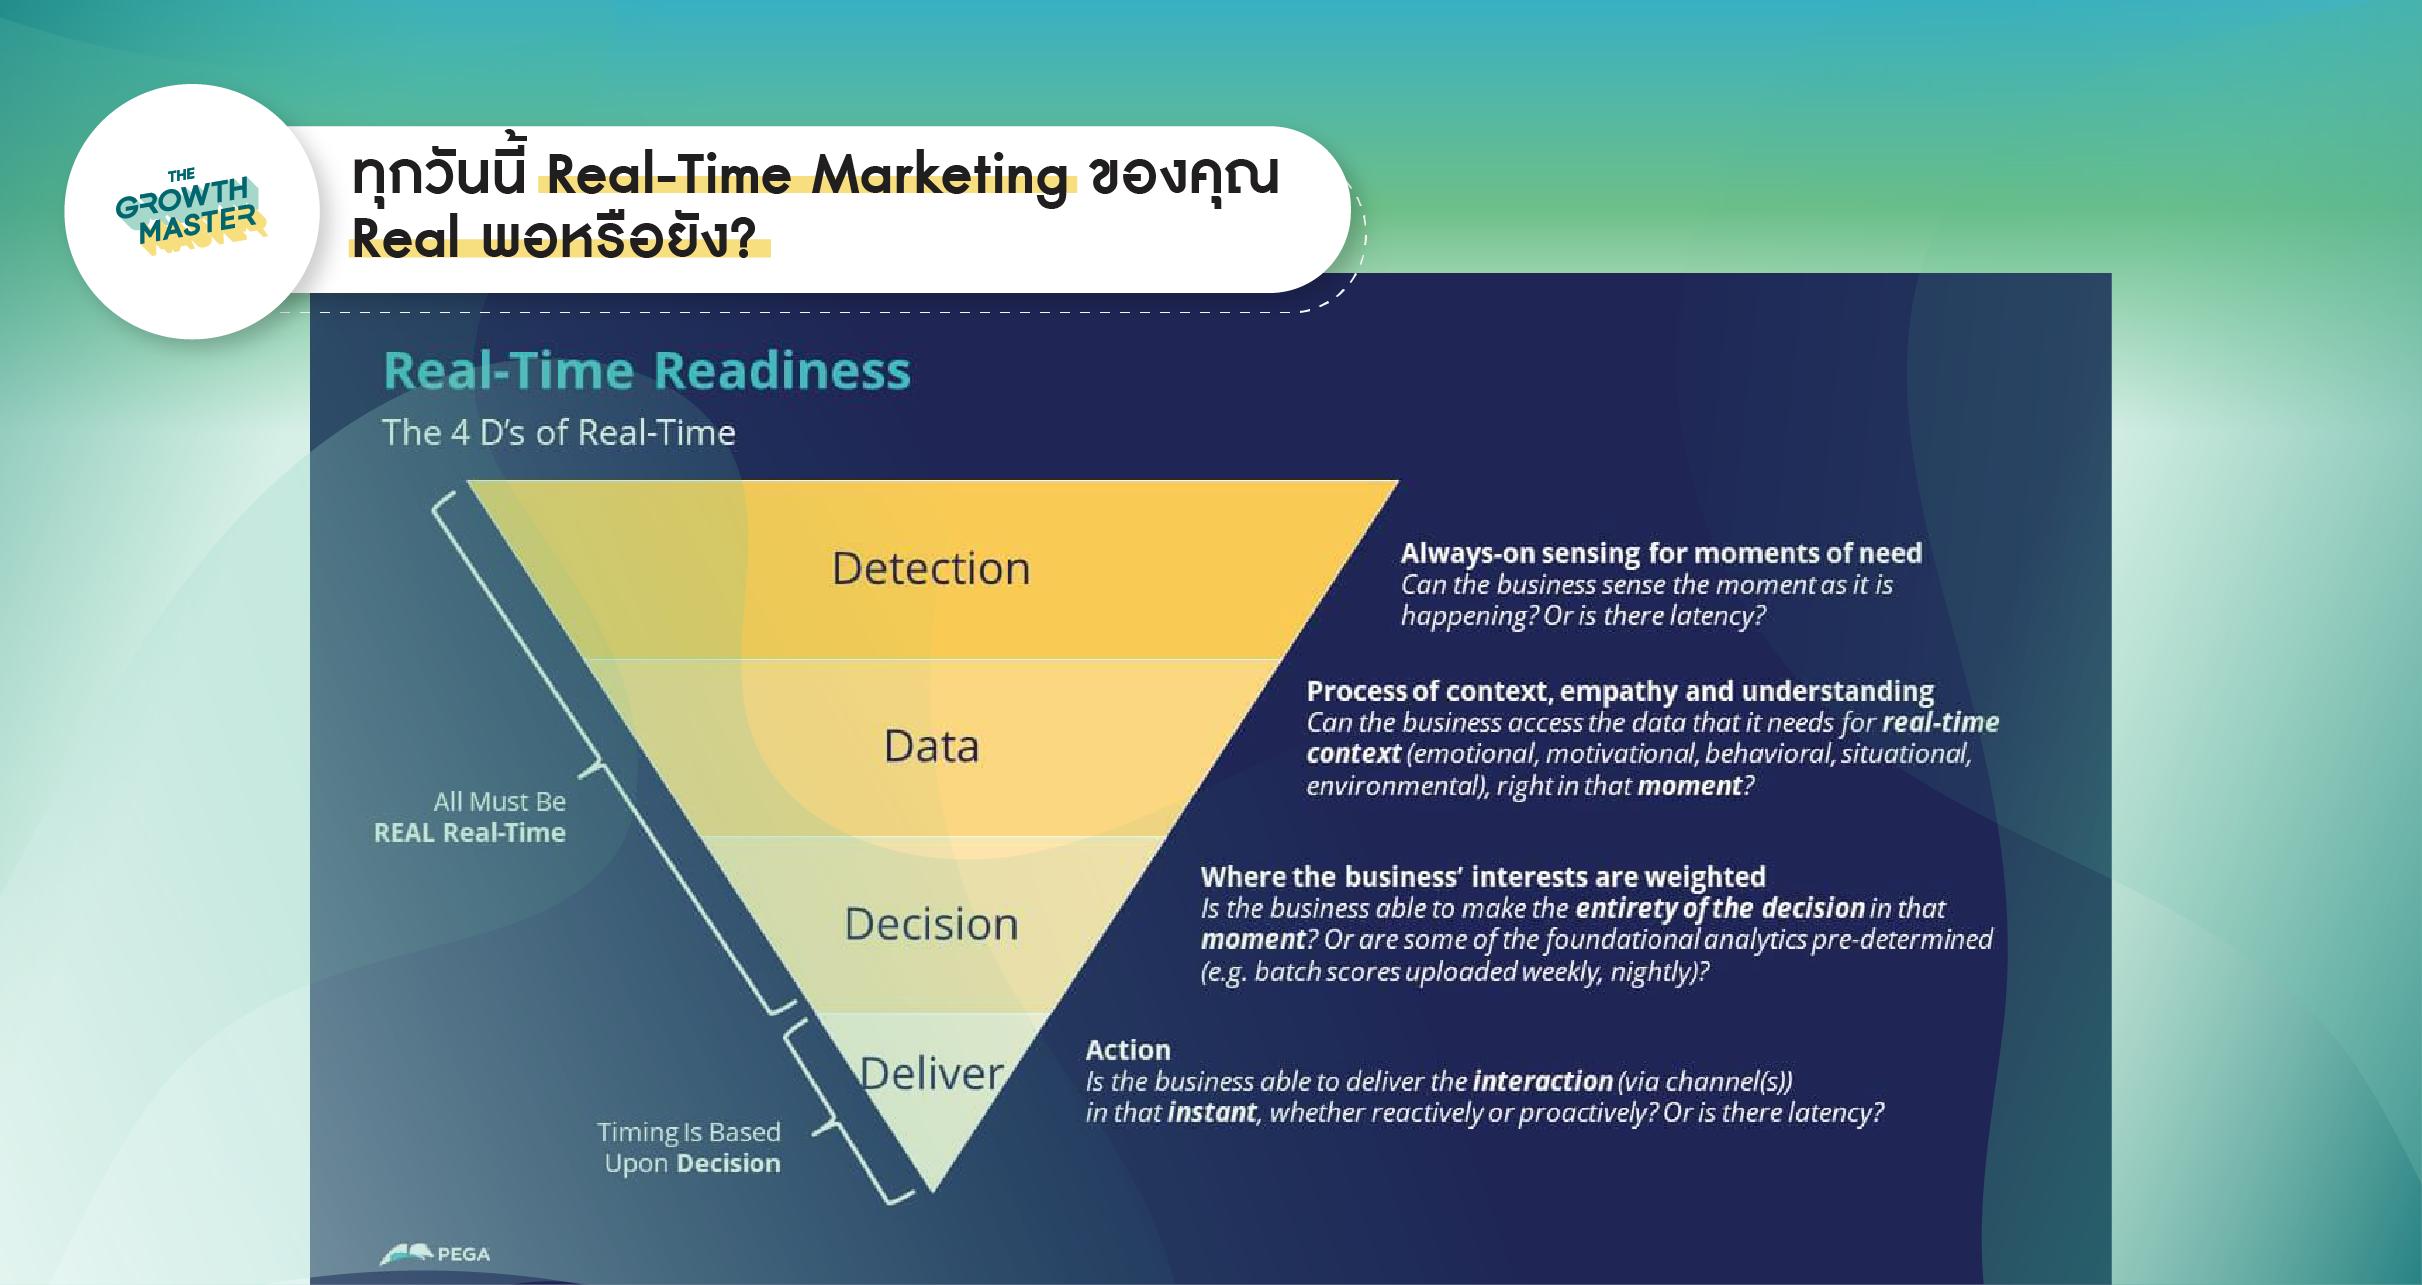 ทุกวันนี้ Real-Time Marketing ที่ทำอยู่มัน Real พอแล้วหรือยัง